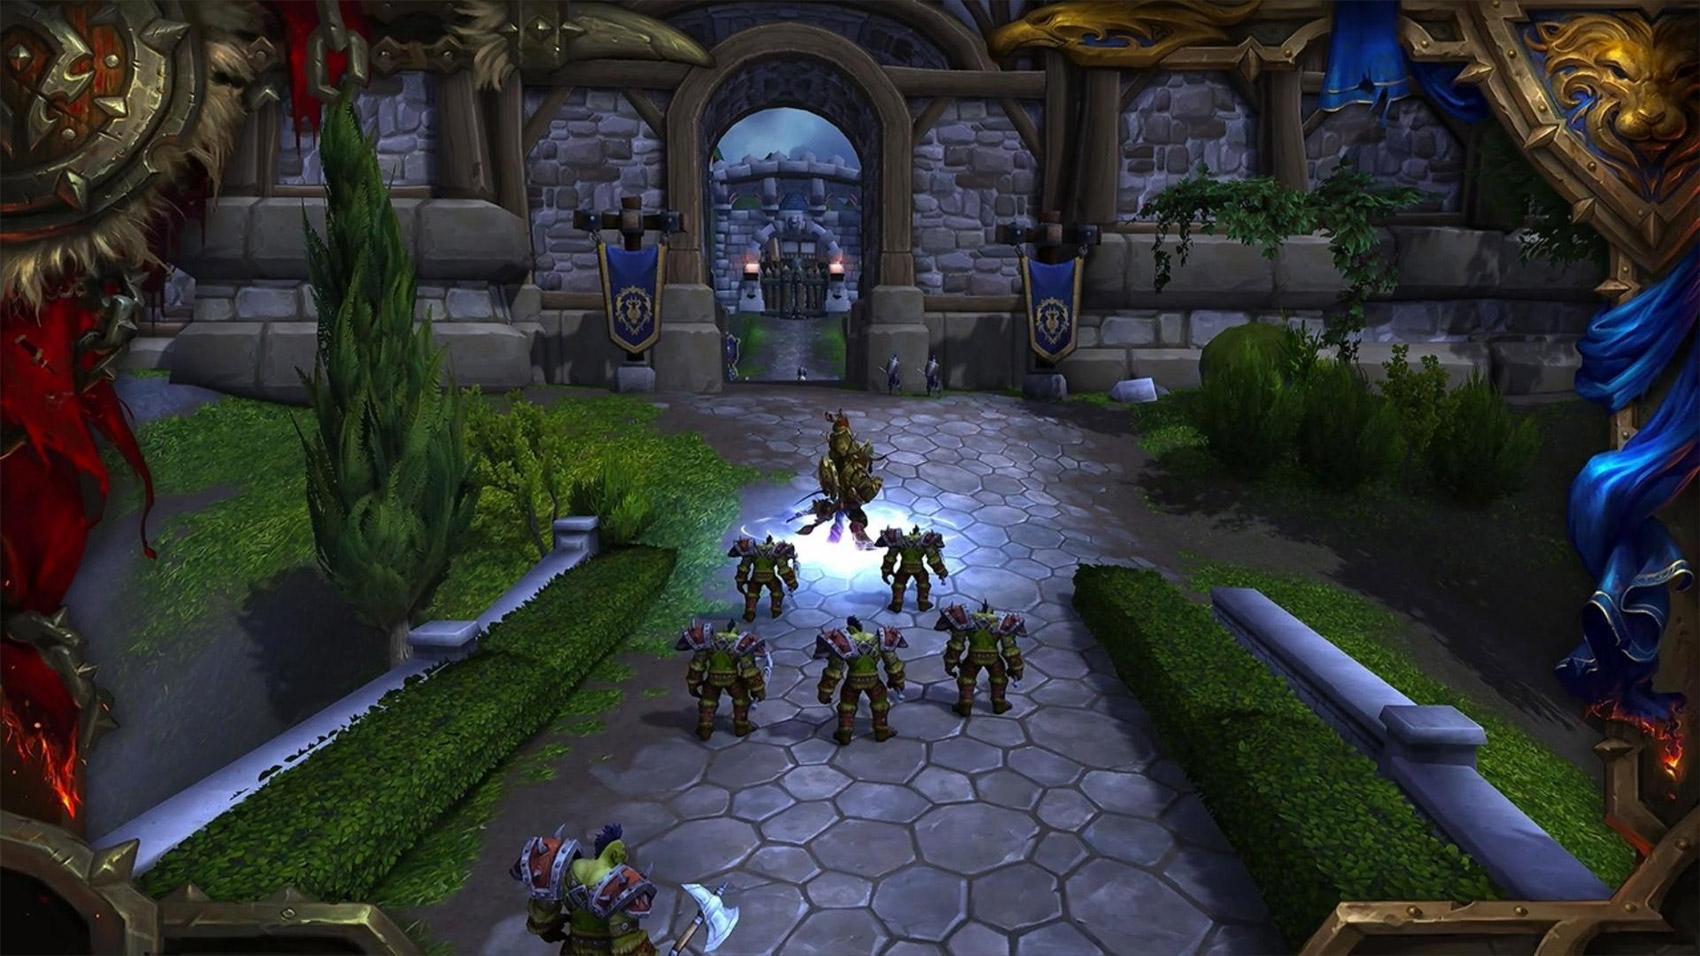 Les fronts de guerre reprennent des éléments stratégiques de Warcraft III